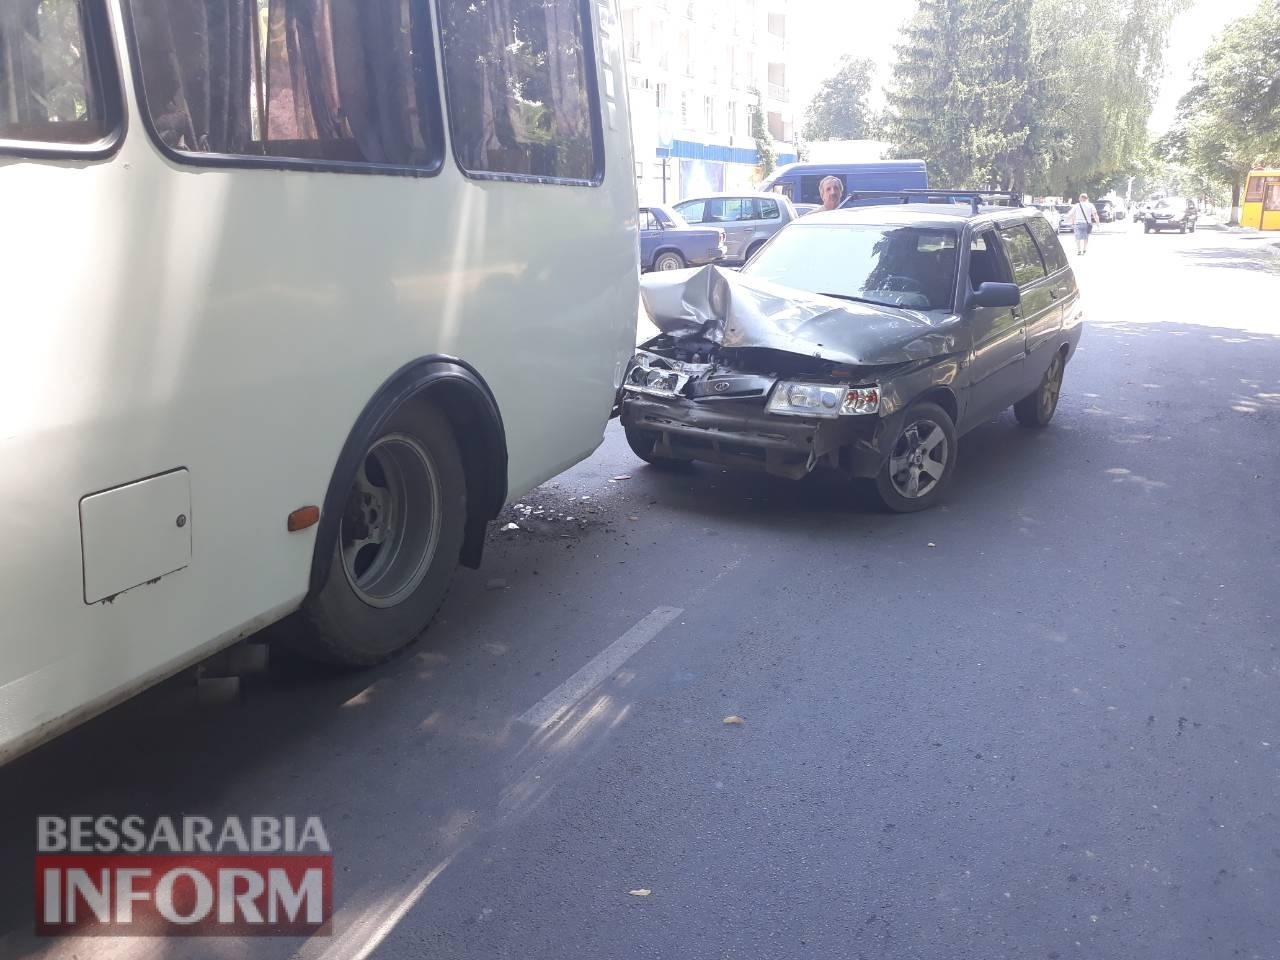 В Измаиле из-за ДТП оказался заблокирован проезд по проспекту Суворова